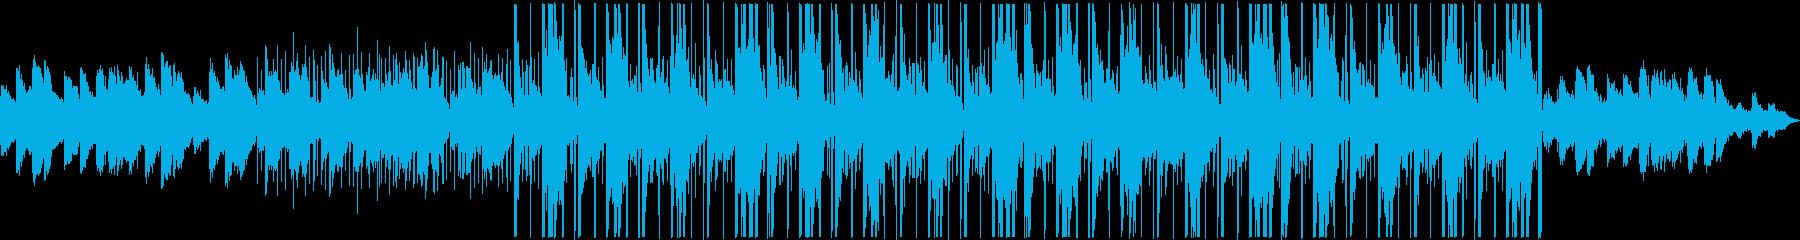 ファッション系 トラップ ヒップホップの再生済みの波形